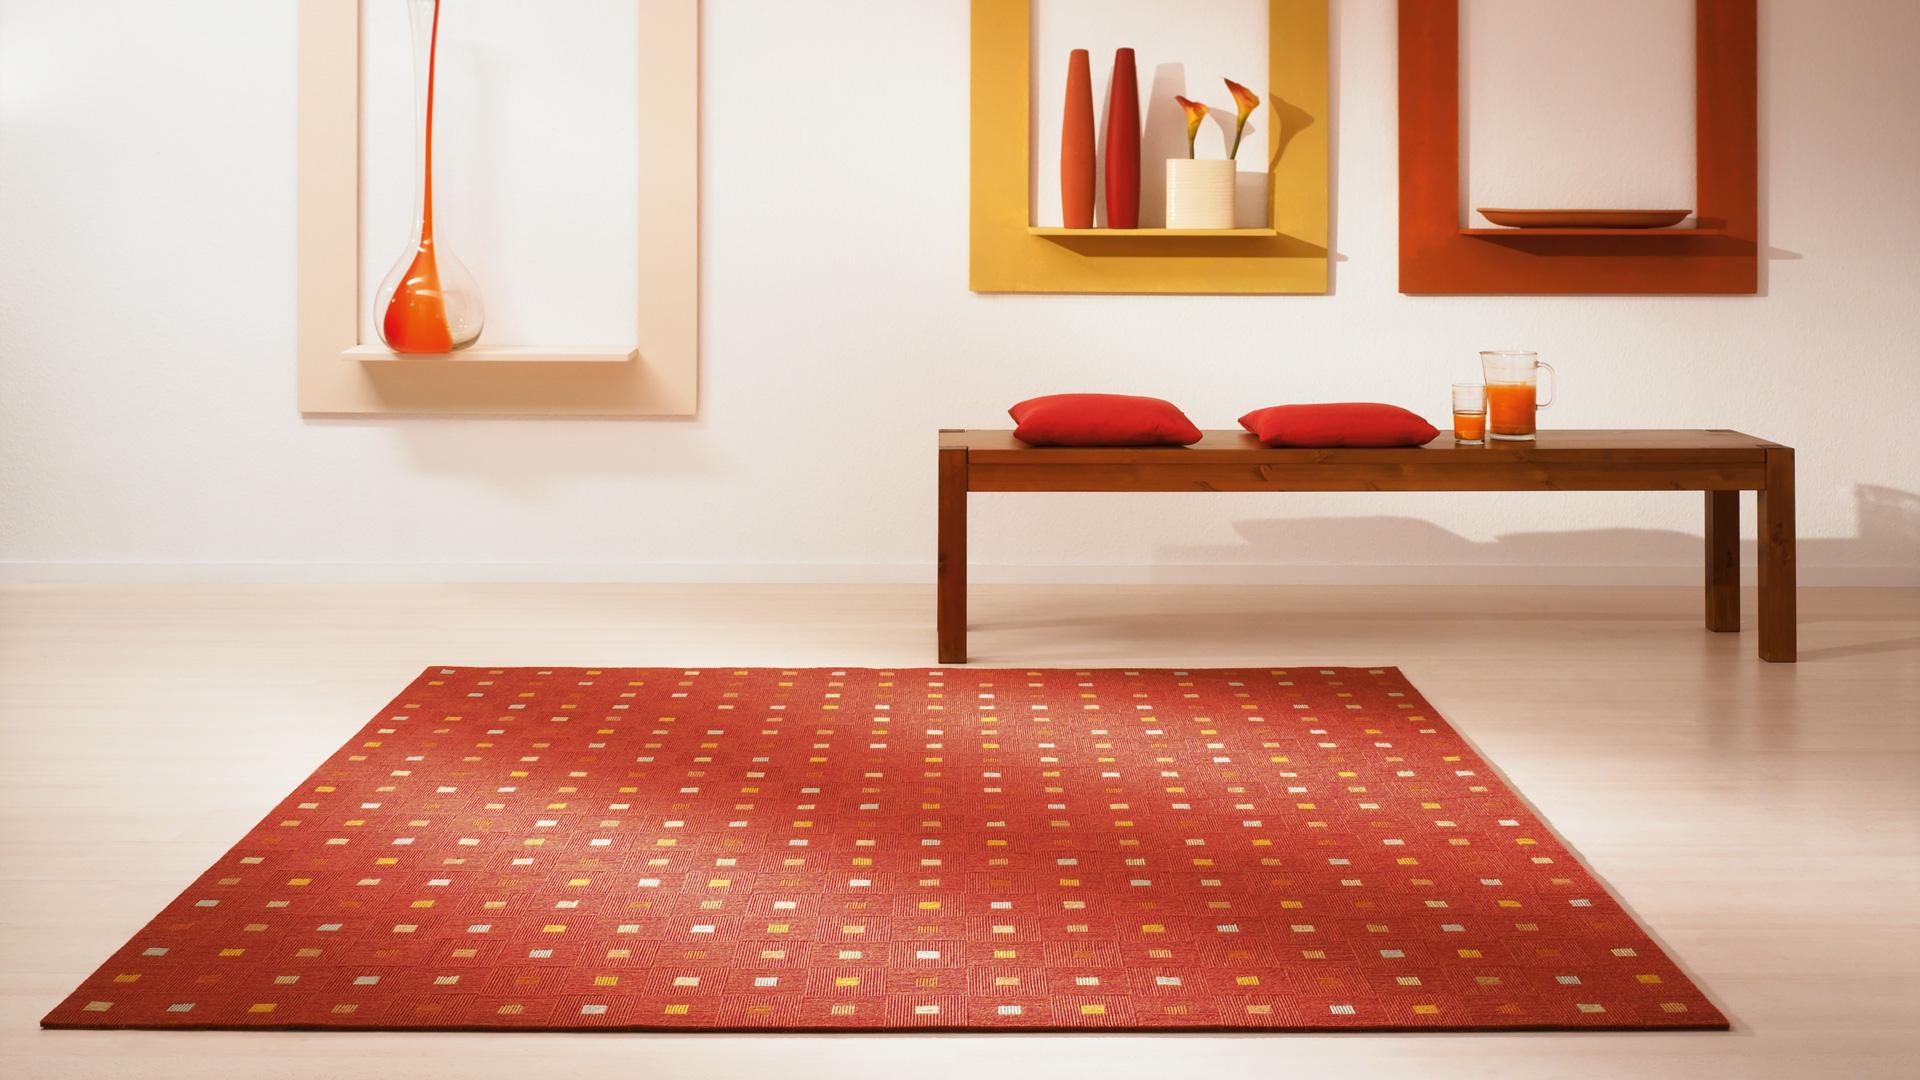 teppiche interart hersteller tretford hersteller tretford teppiche online kaufen. Black Bedroom Furniture Sets. Home Design Ideas